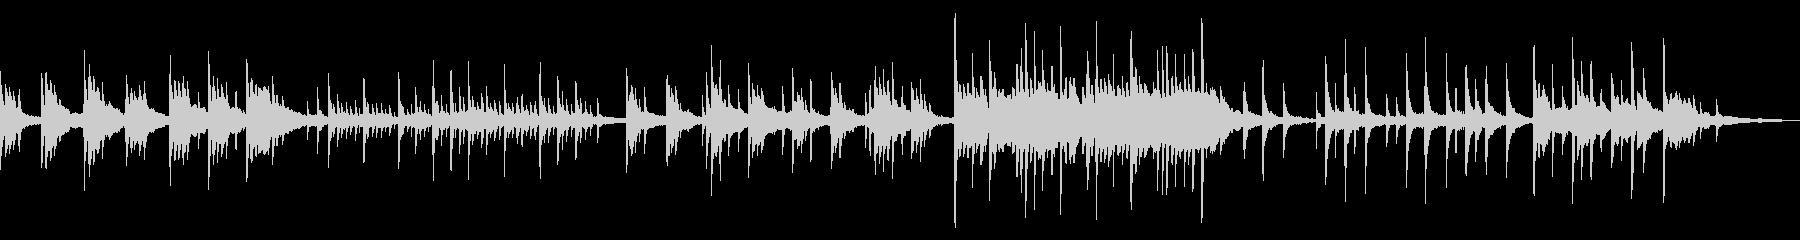 温かく包まれ癒されるフェルトピアノBGMの未再生の波形